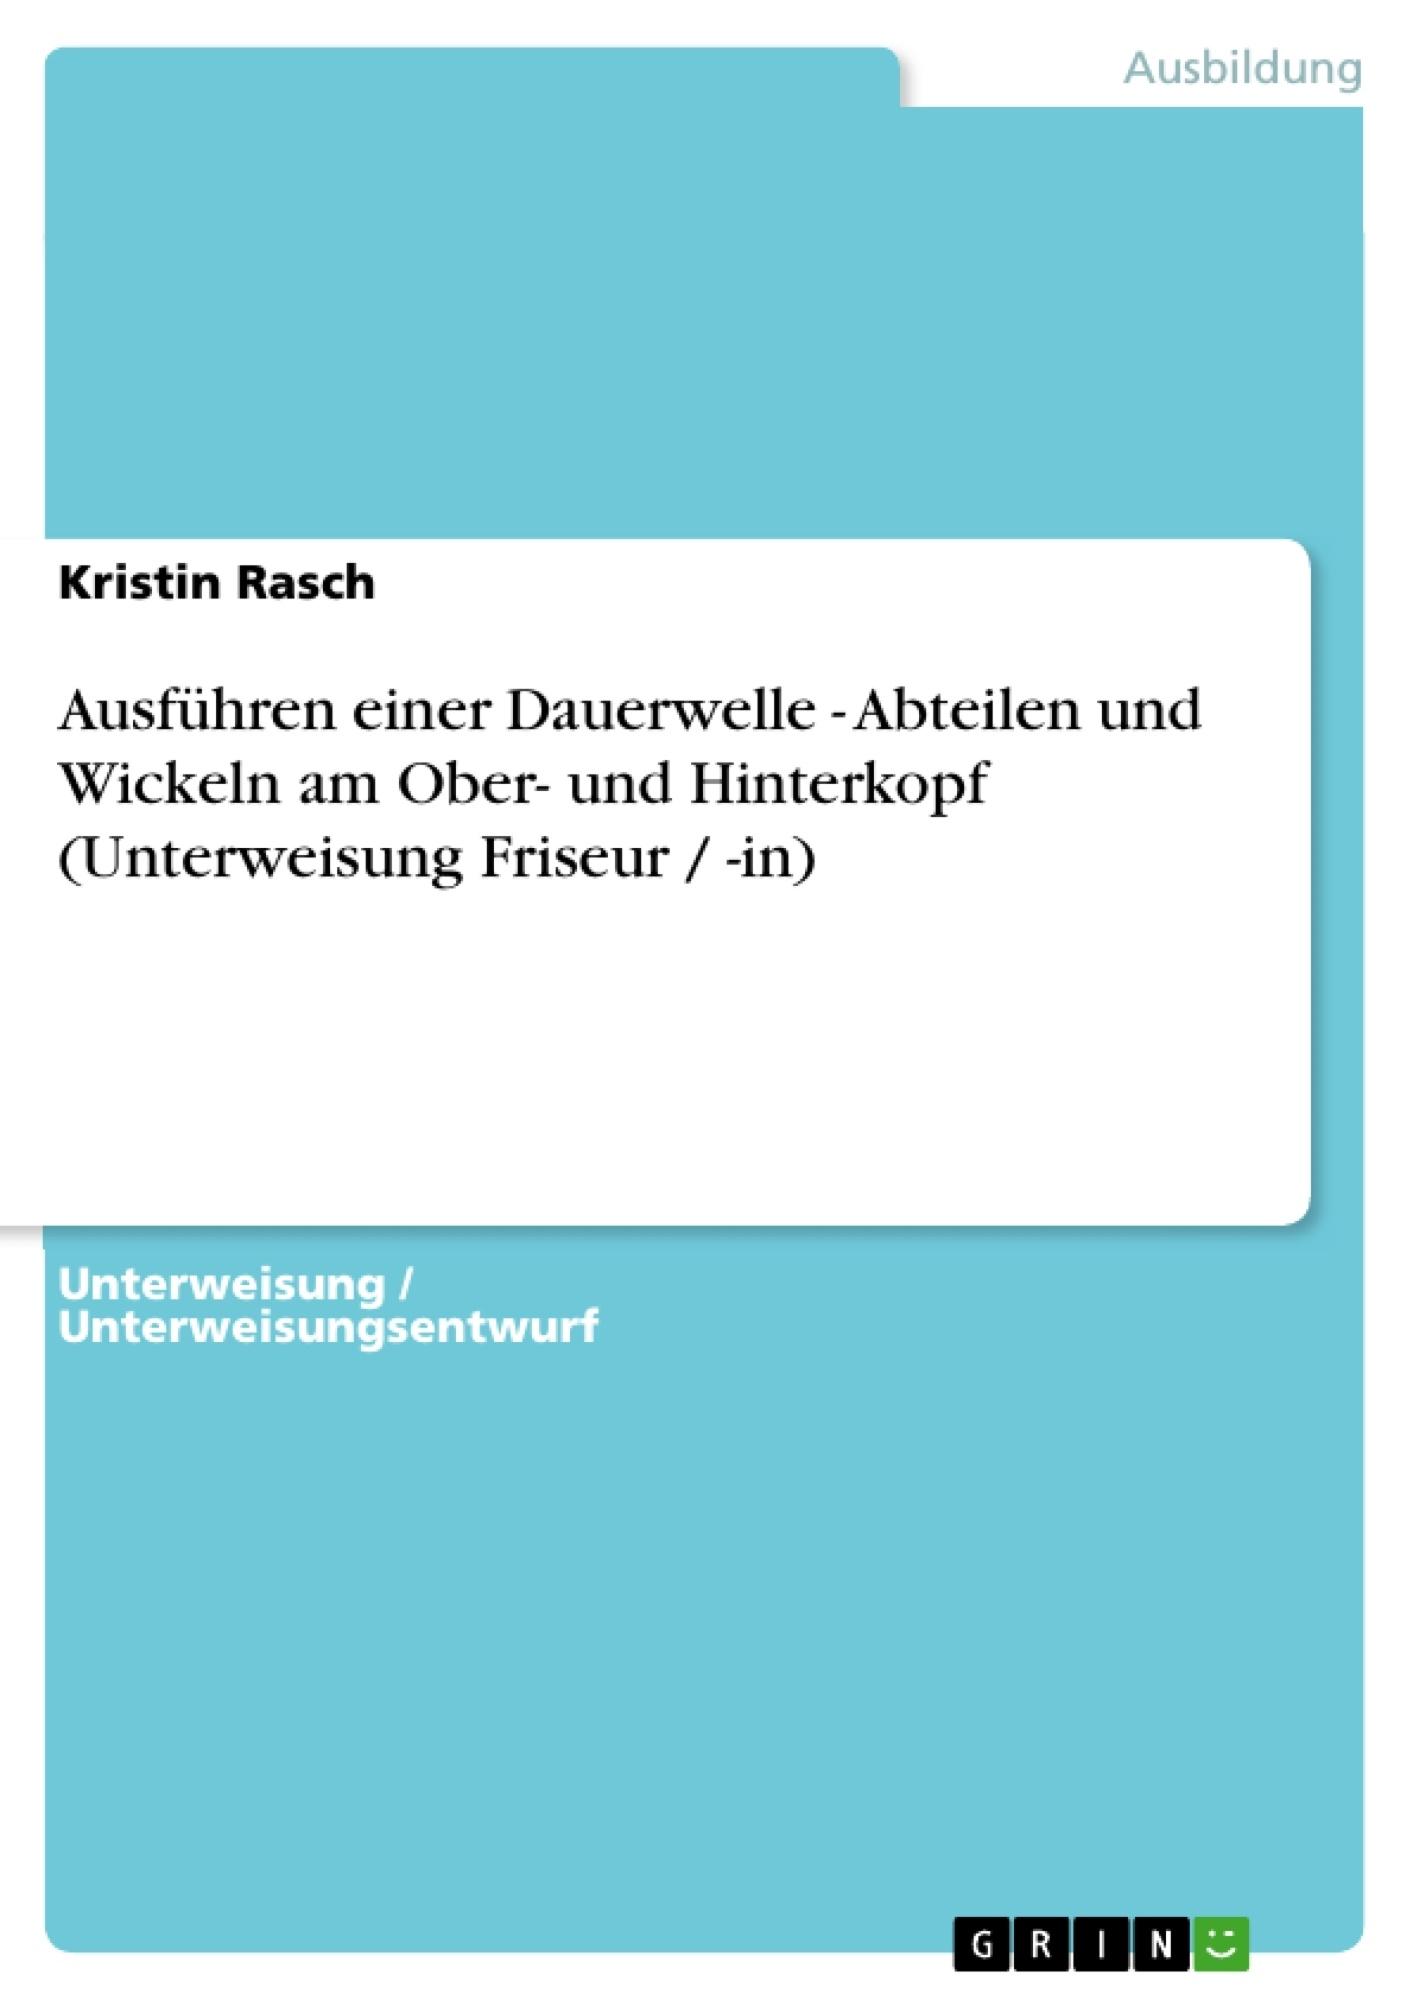 Titel: Ausführen einer Dauerwelle - Abteilen und Wickeln am Ober- und Hinterkopf (Unterweisung Friseur / -in)